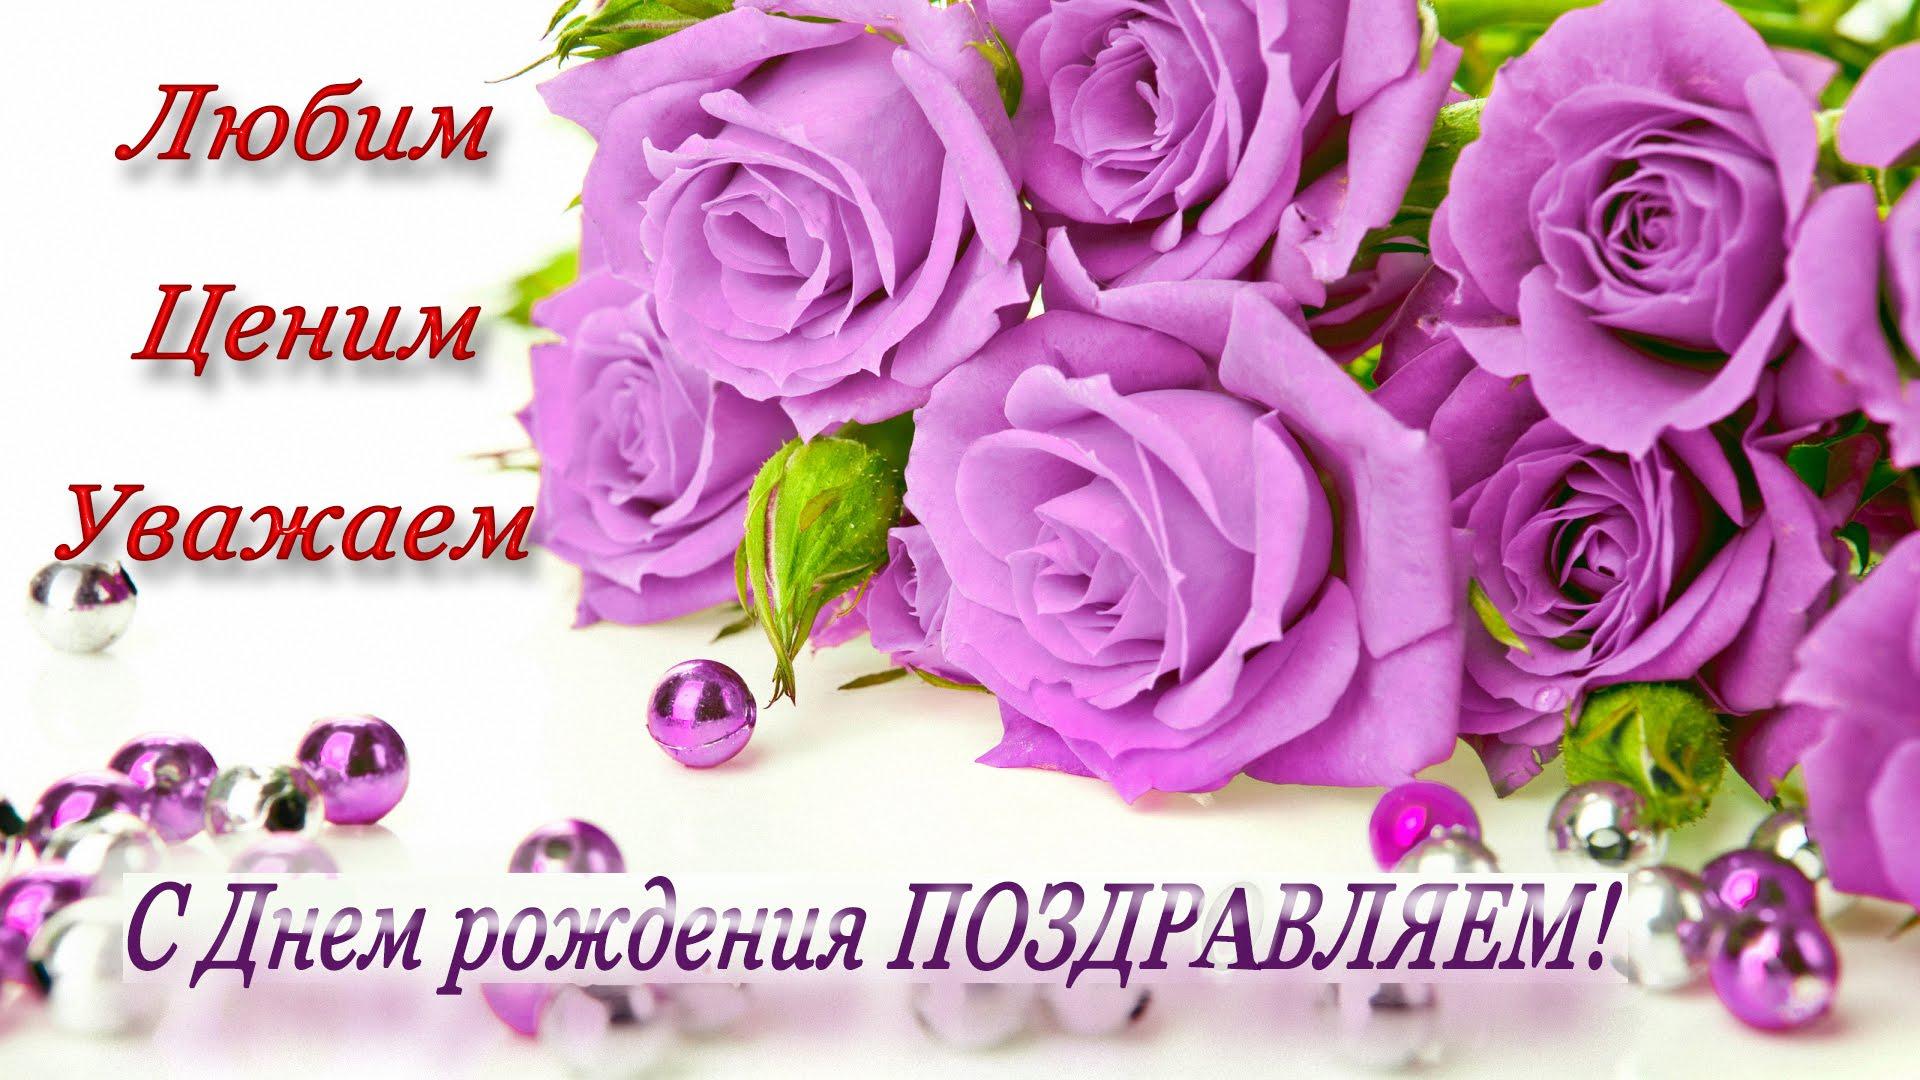 Поздравления с днем рождения племяннице на юбилей